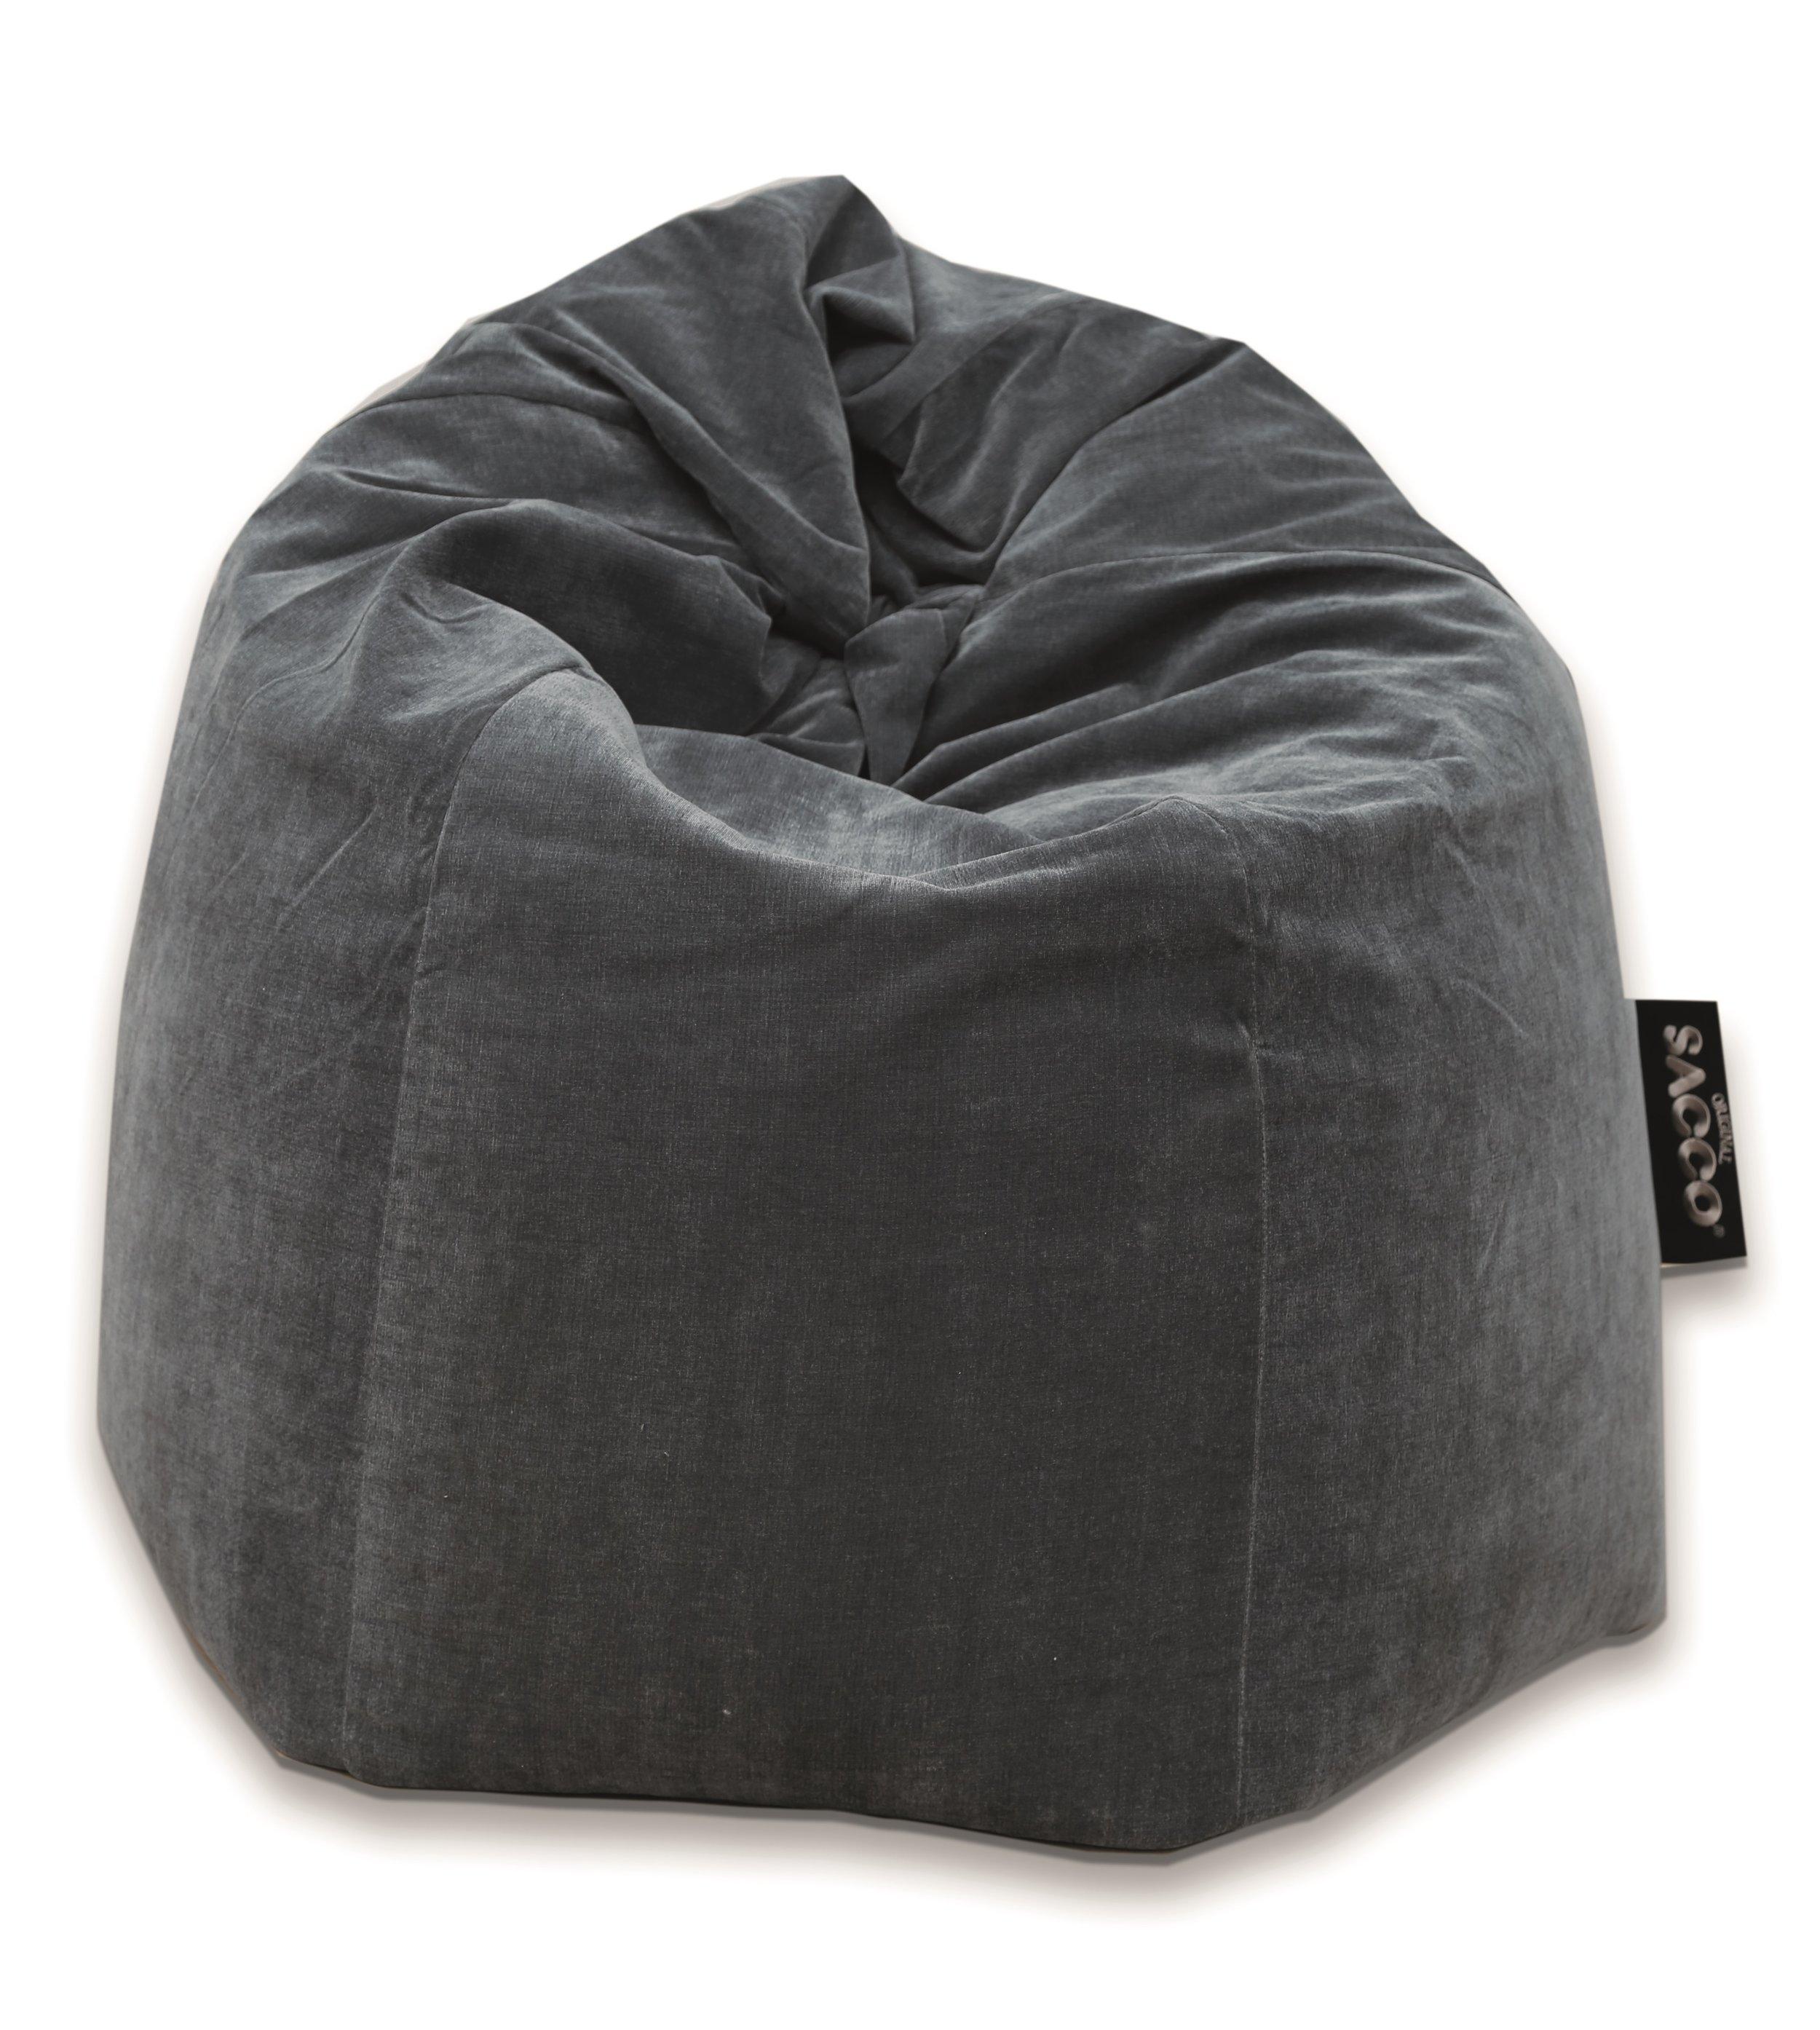 """Sacco® medium pluss - Fra 190 til 300.Vi får stadig vekk henvendelser vedrørende store Saccosekker.De siste årene har vi utvidet kolleksjonen i størrelsen - medium pluss. Vi har beholdt den velkjente og patenterte formen, men økt opp volumet fra 190 liter til 300 liter. Dette gjør at en voksen finner seg komfortabelt til rett i stolen.Med dagens lave salongbord, er det også behagelig å sitte i en Sacco medium pluss med en kopp kaffe.Ta en tur til en av våre samarbeidspartnere og prøv den ut. Se """"forhandlerliste""""."""